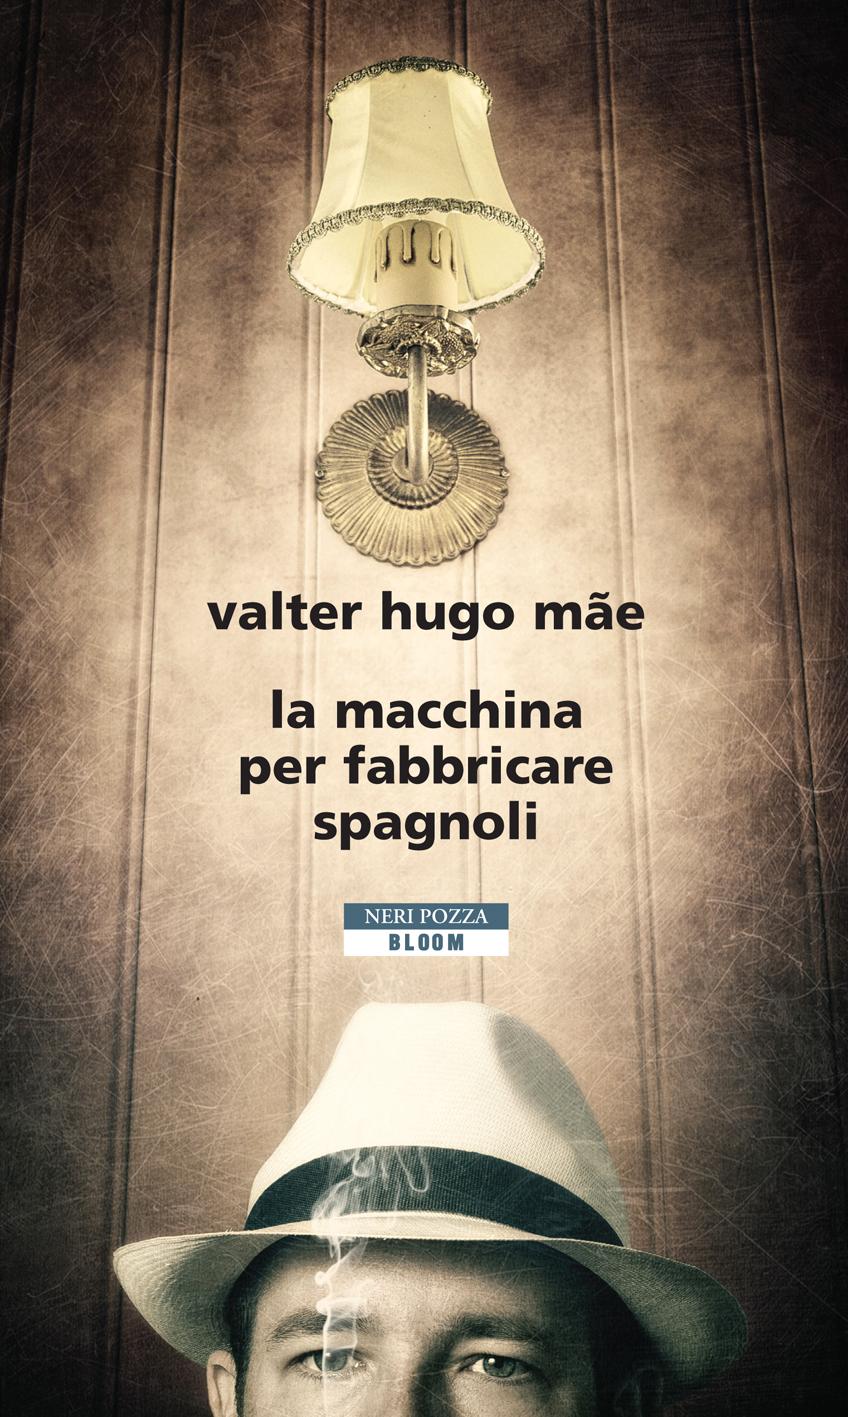 Neri Pozza Editore | La macchina per fabbricare spagnoli